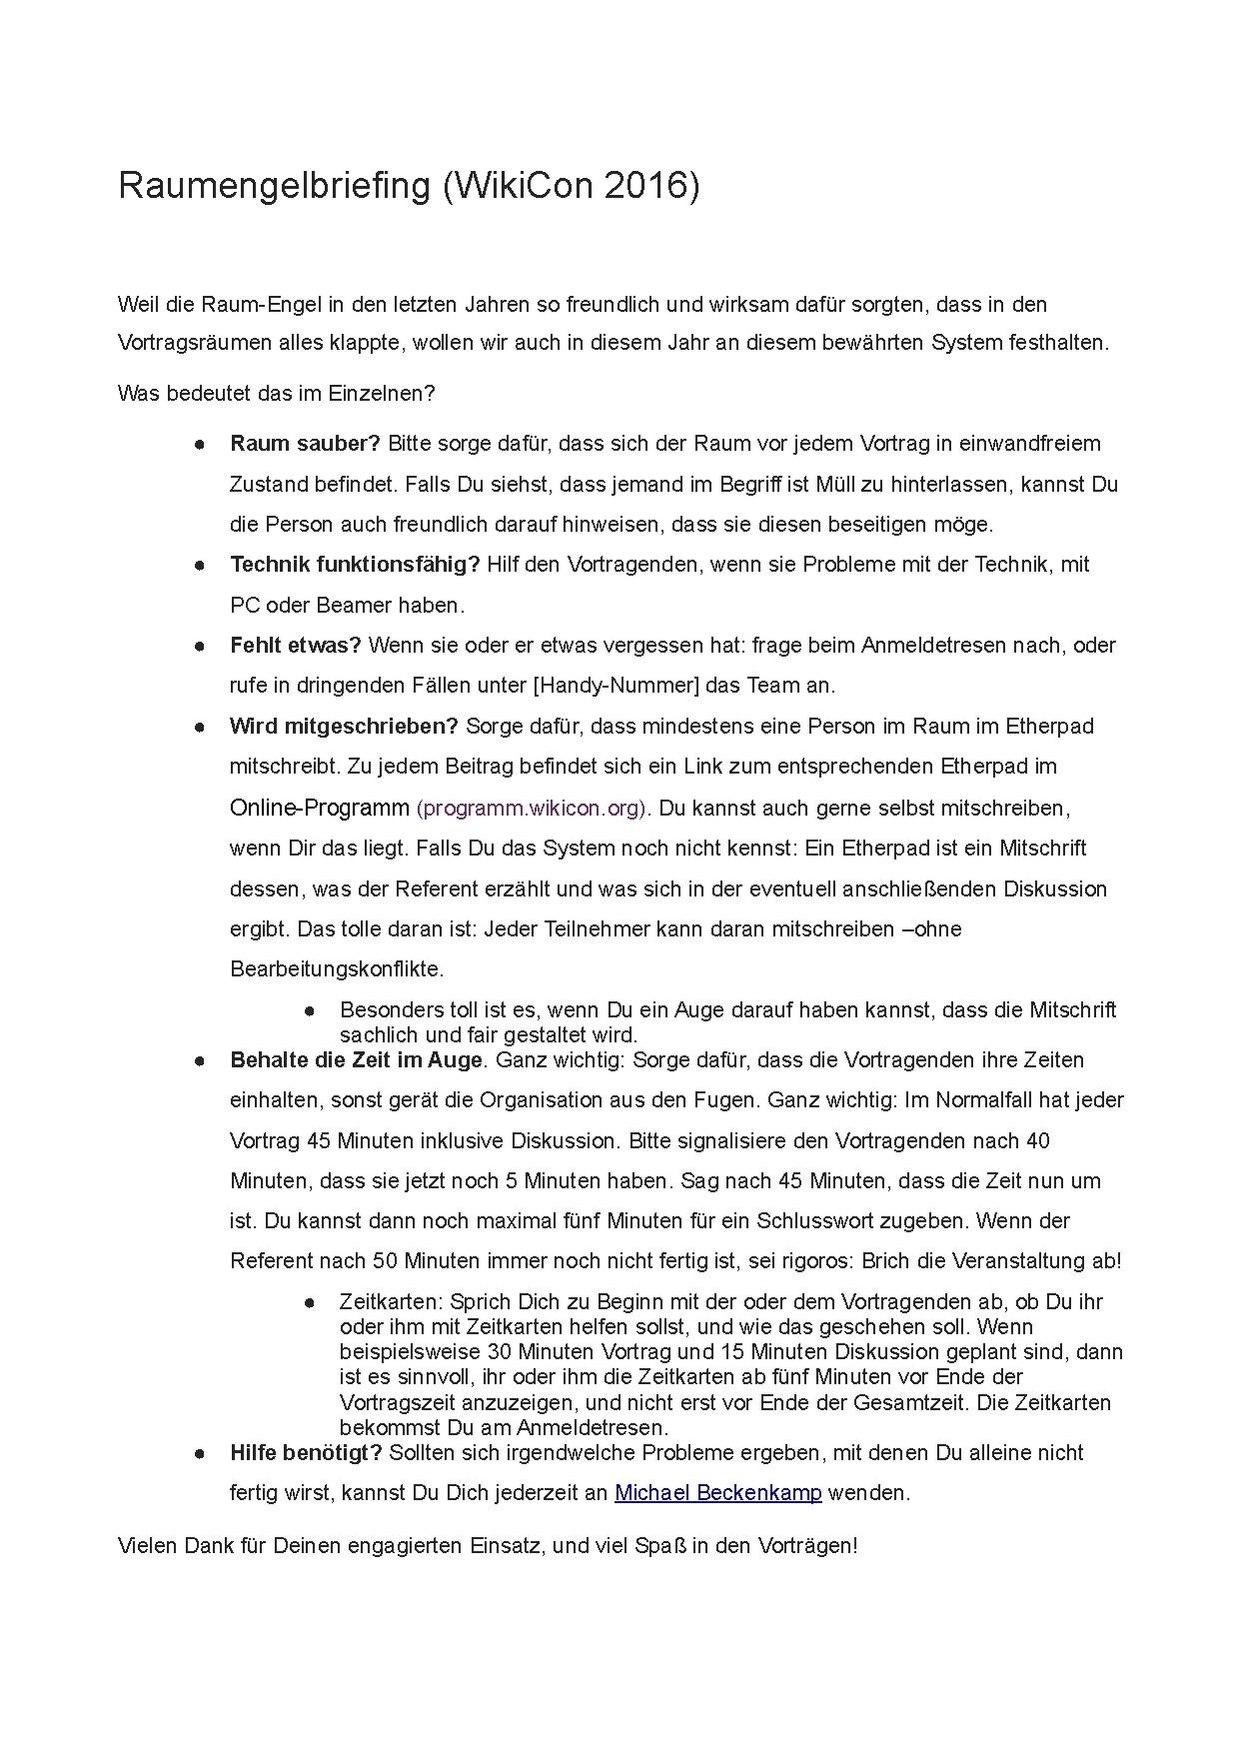 Dateiwikicon Muster Helferbriefing Raumengelpdf Wikipedia